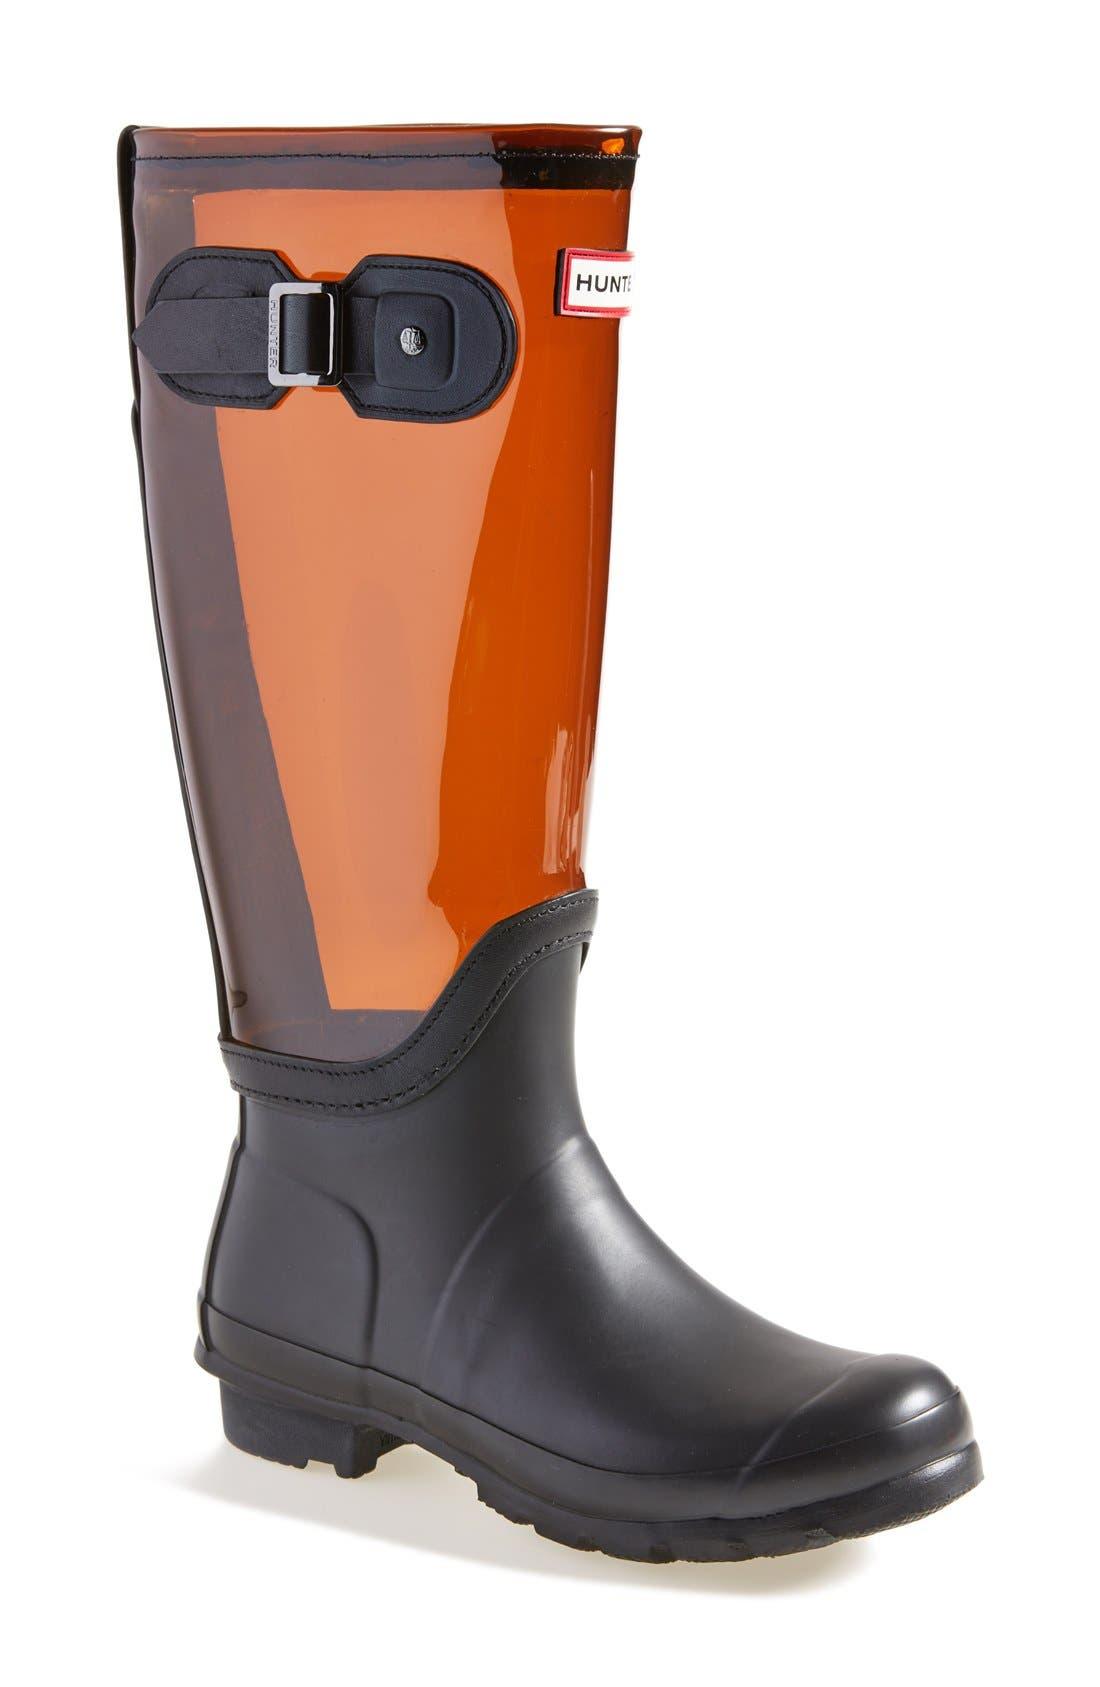 Alternate Image 1 Selected - Hunter 'Original' Clear Waterproof Rain Boot (Women)